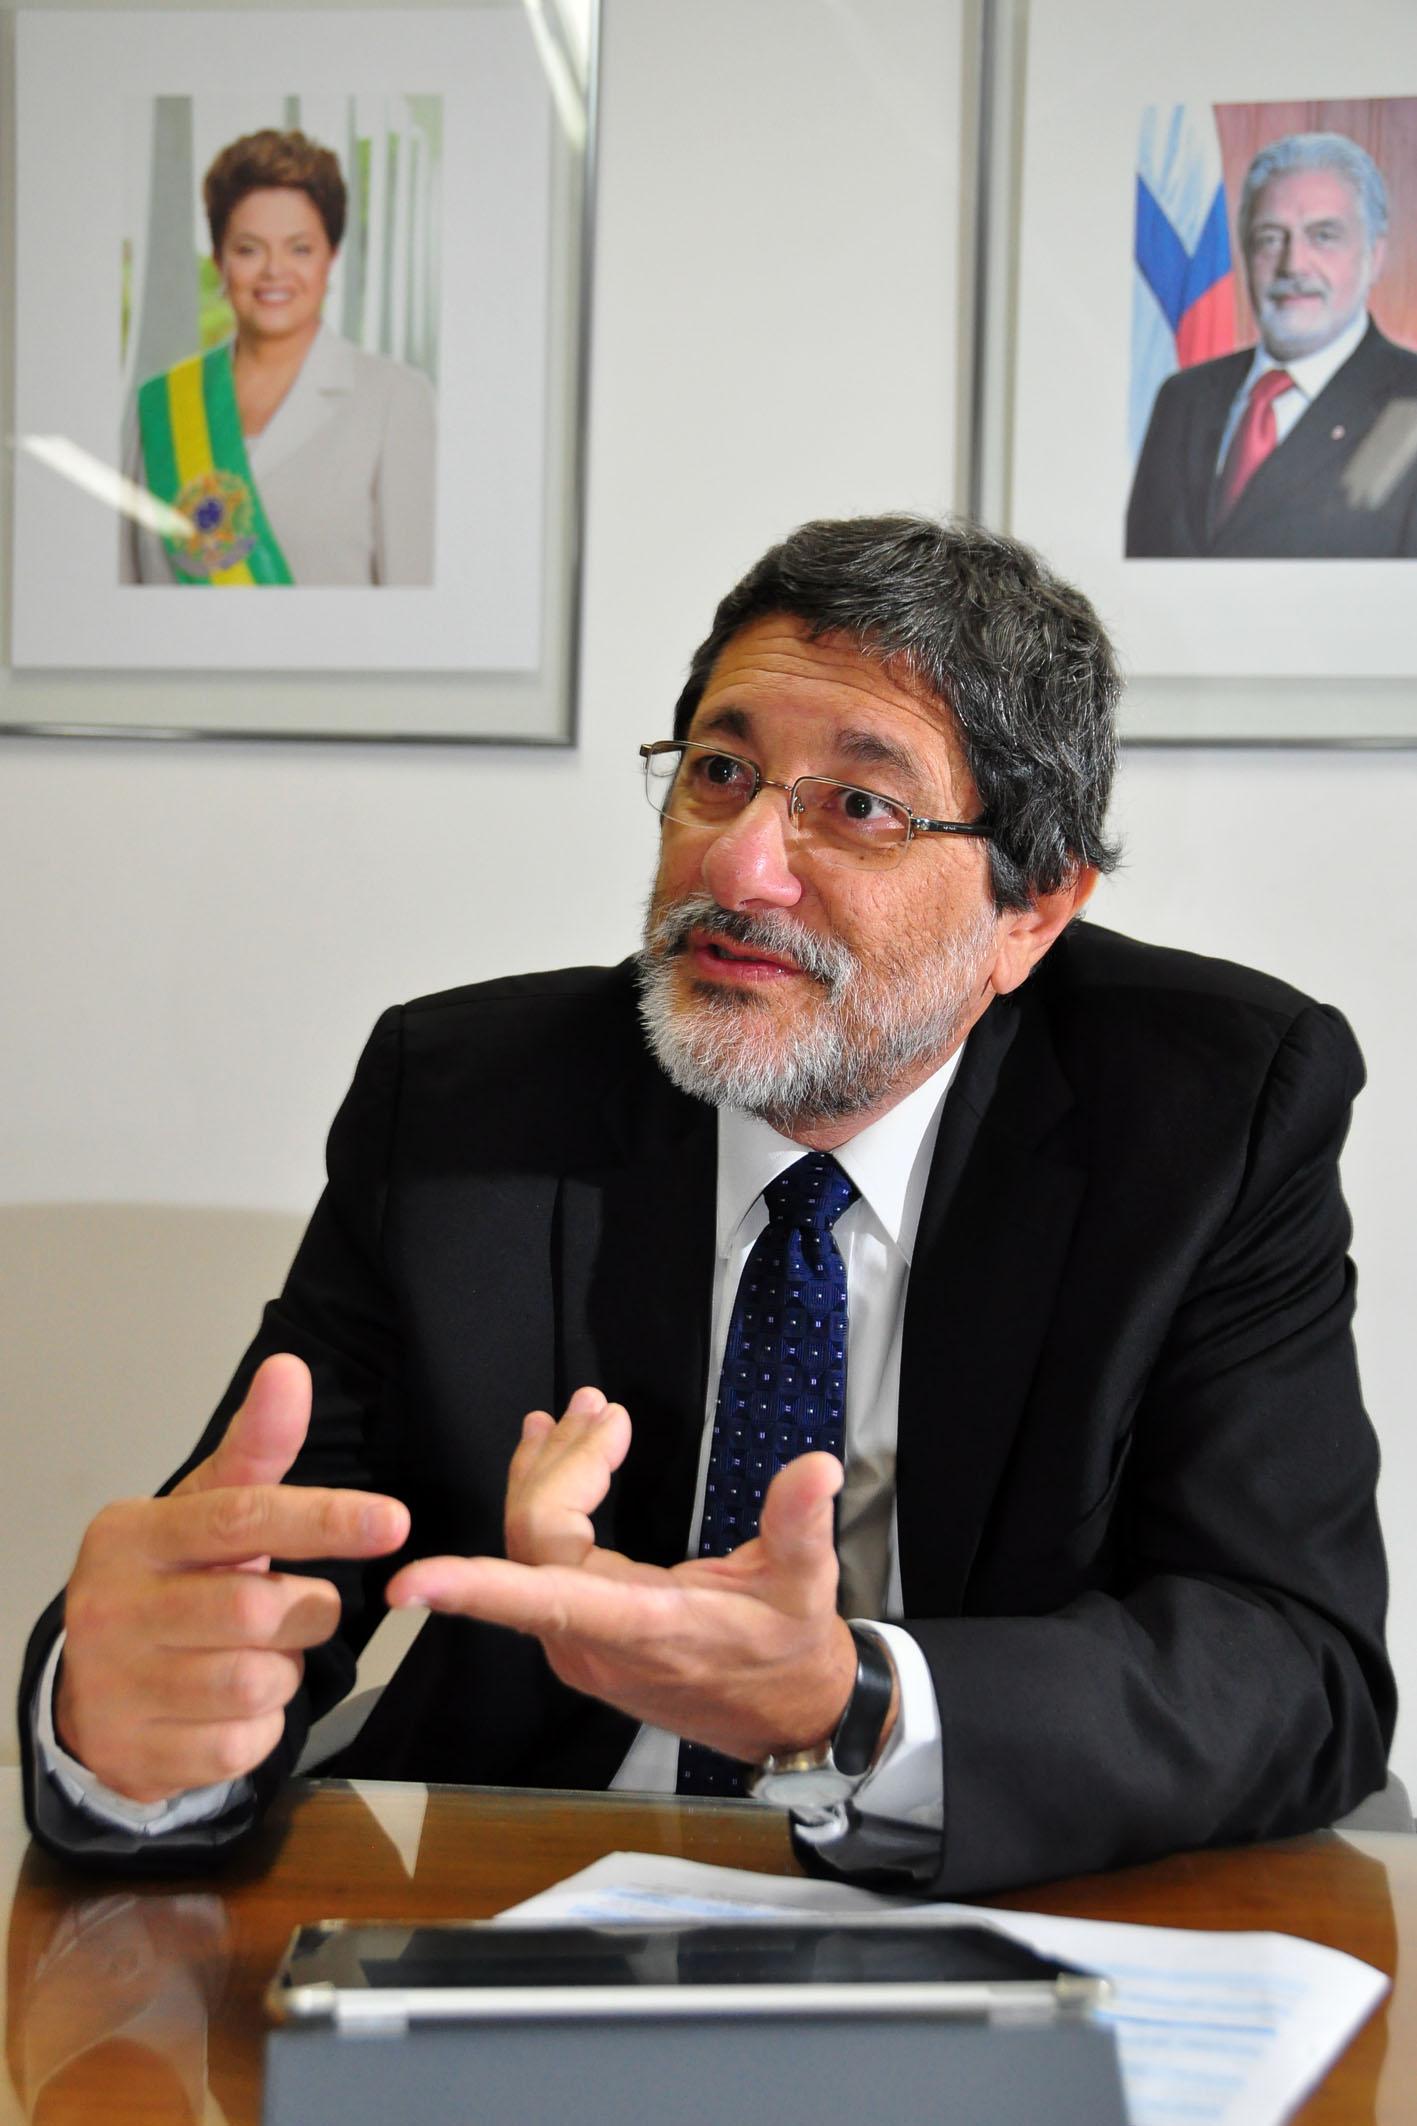 JOSE SERGIO GABRIELLI